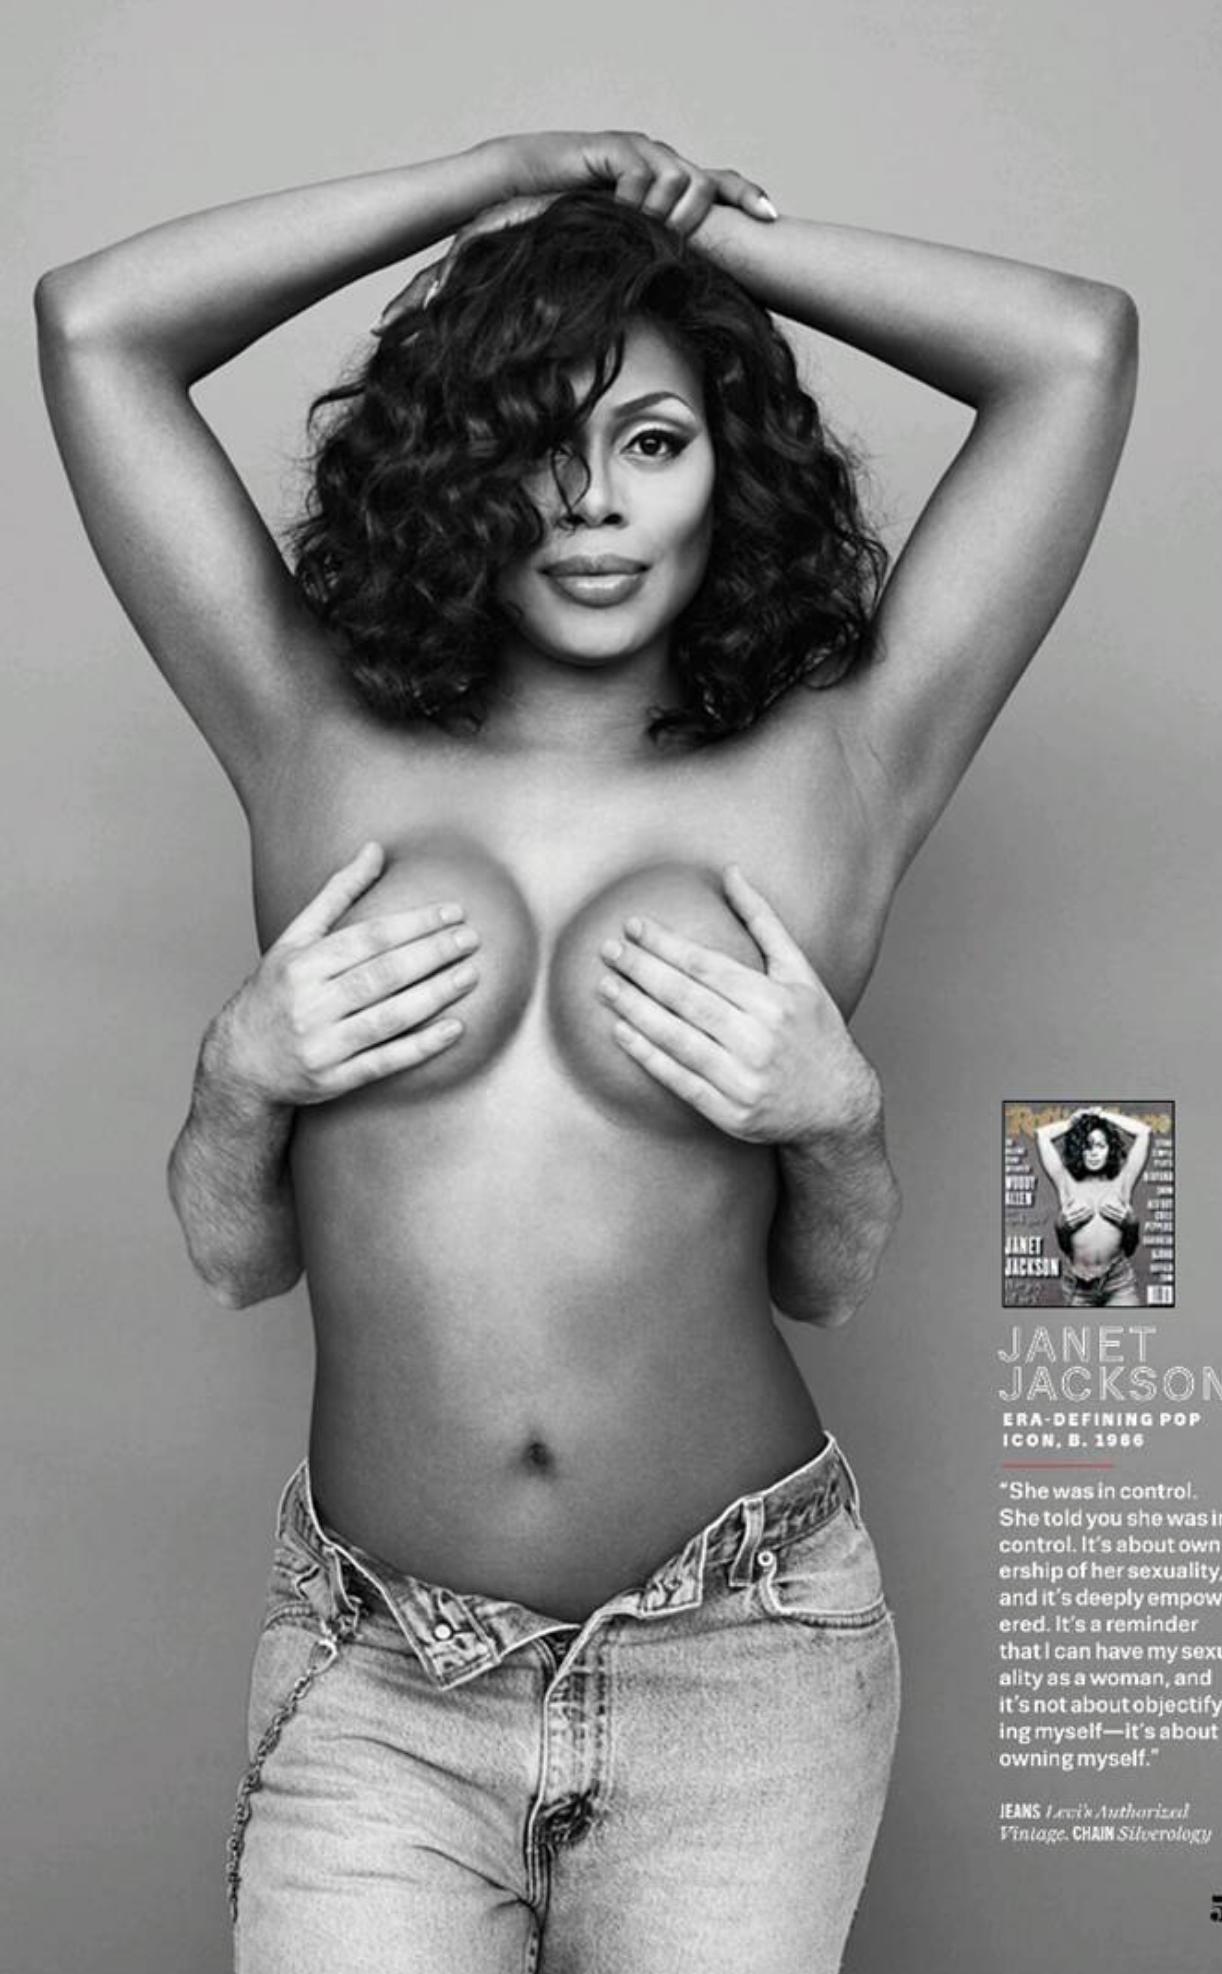 Janet jackson naked